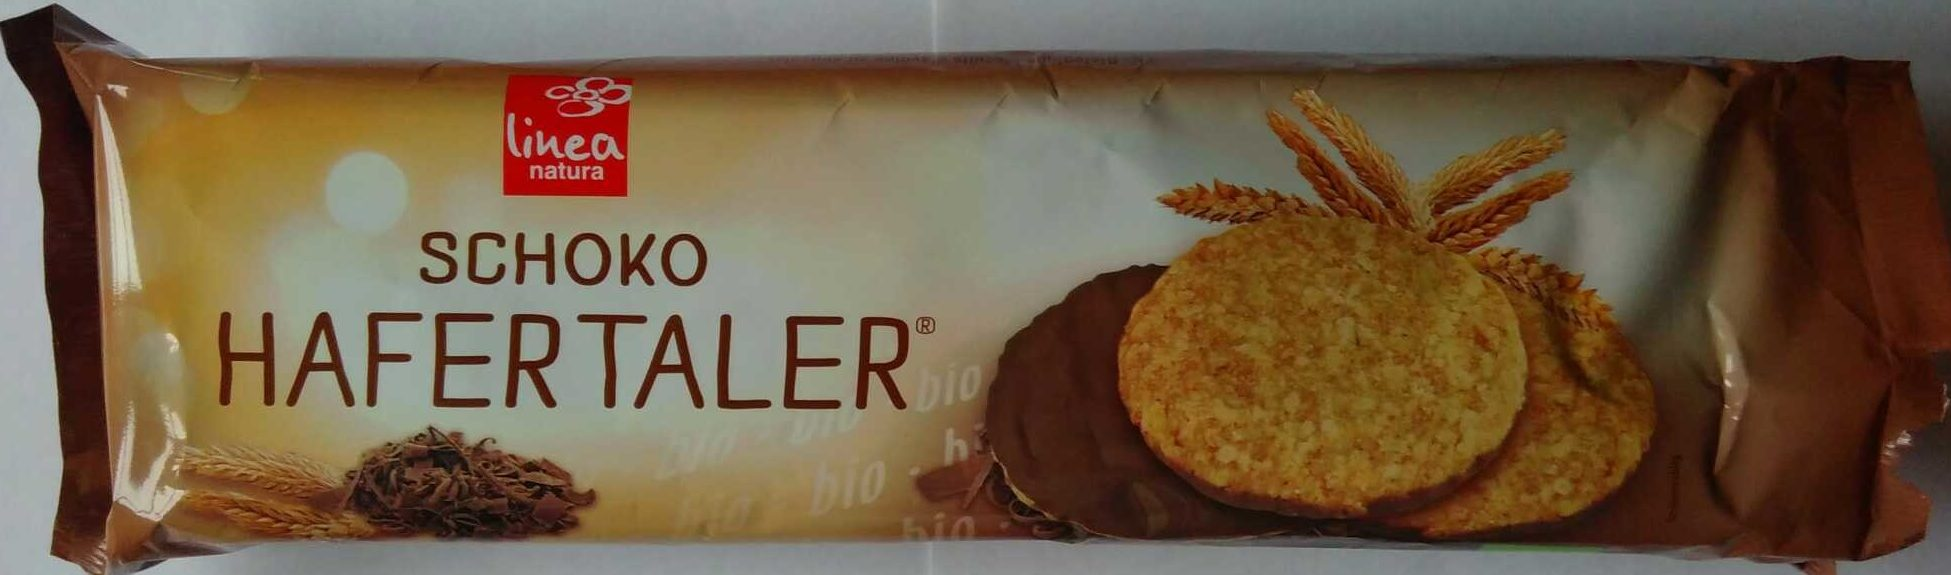 Schoko-Hafertaler - Product